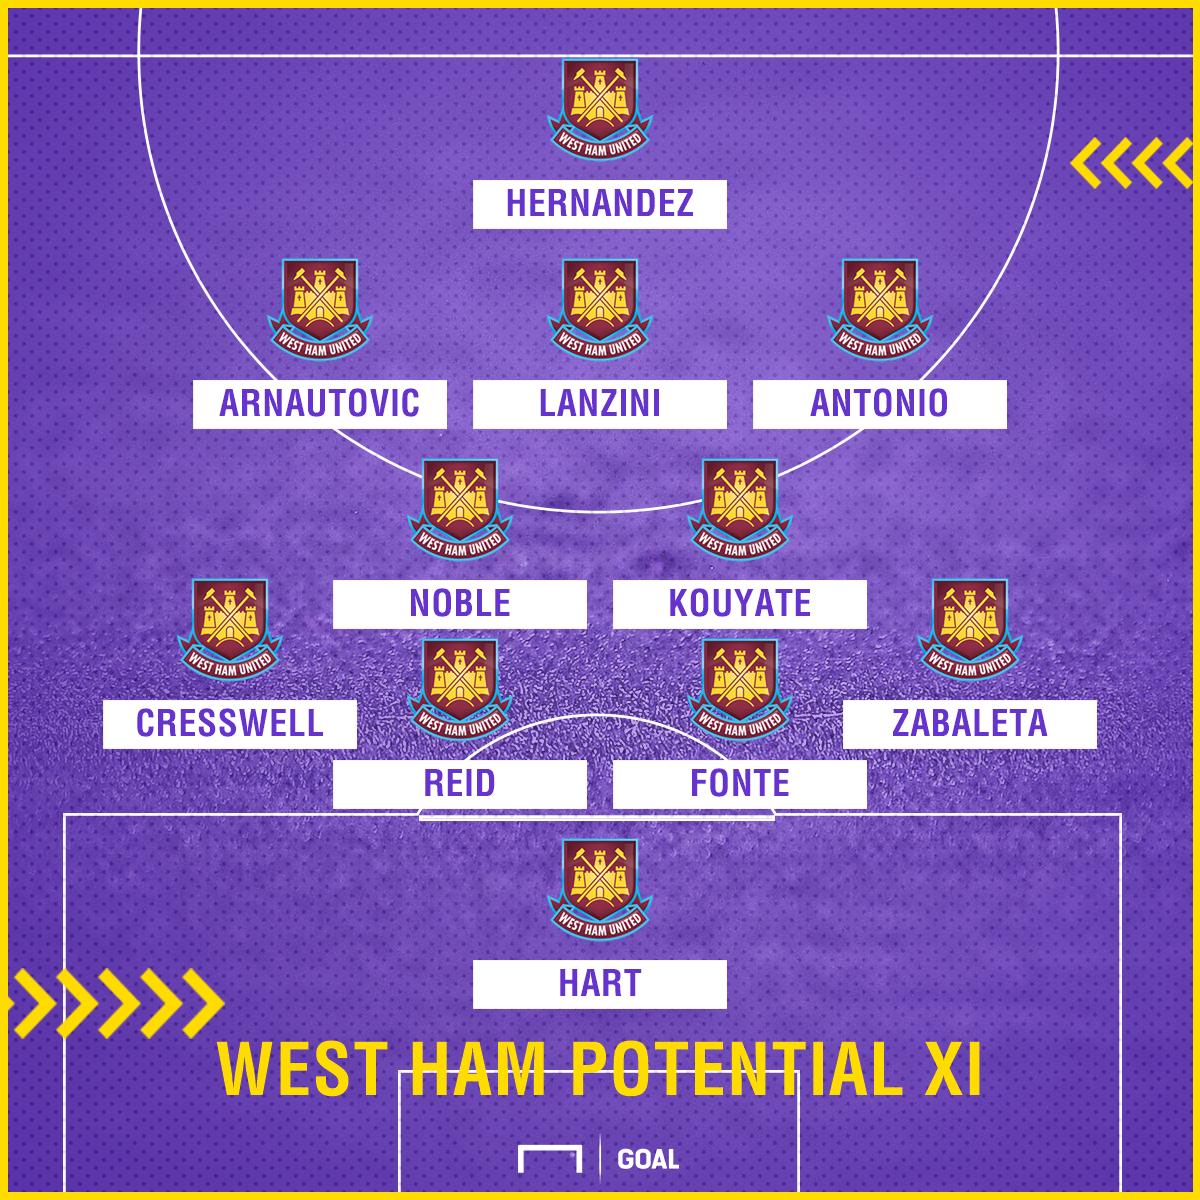 West Ham XI